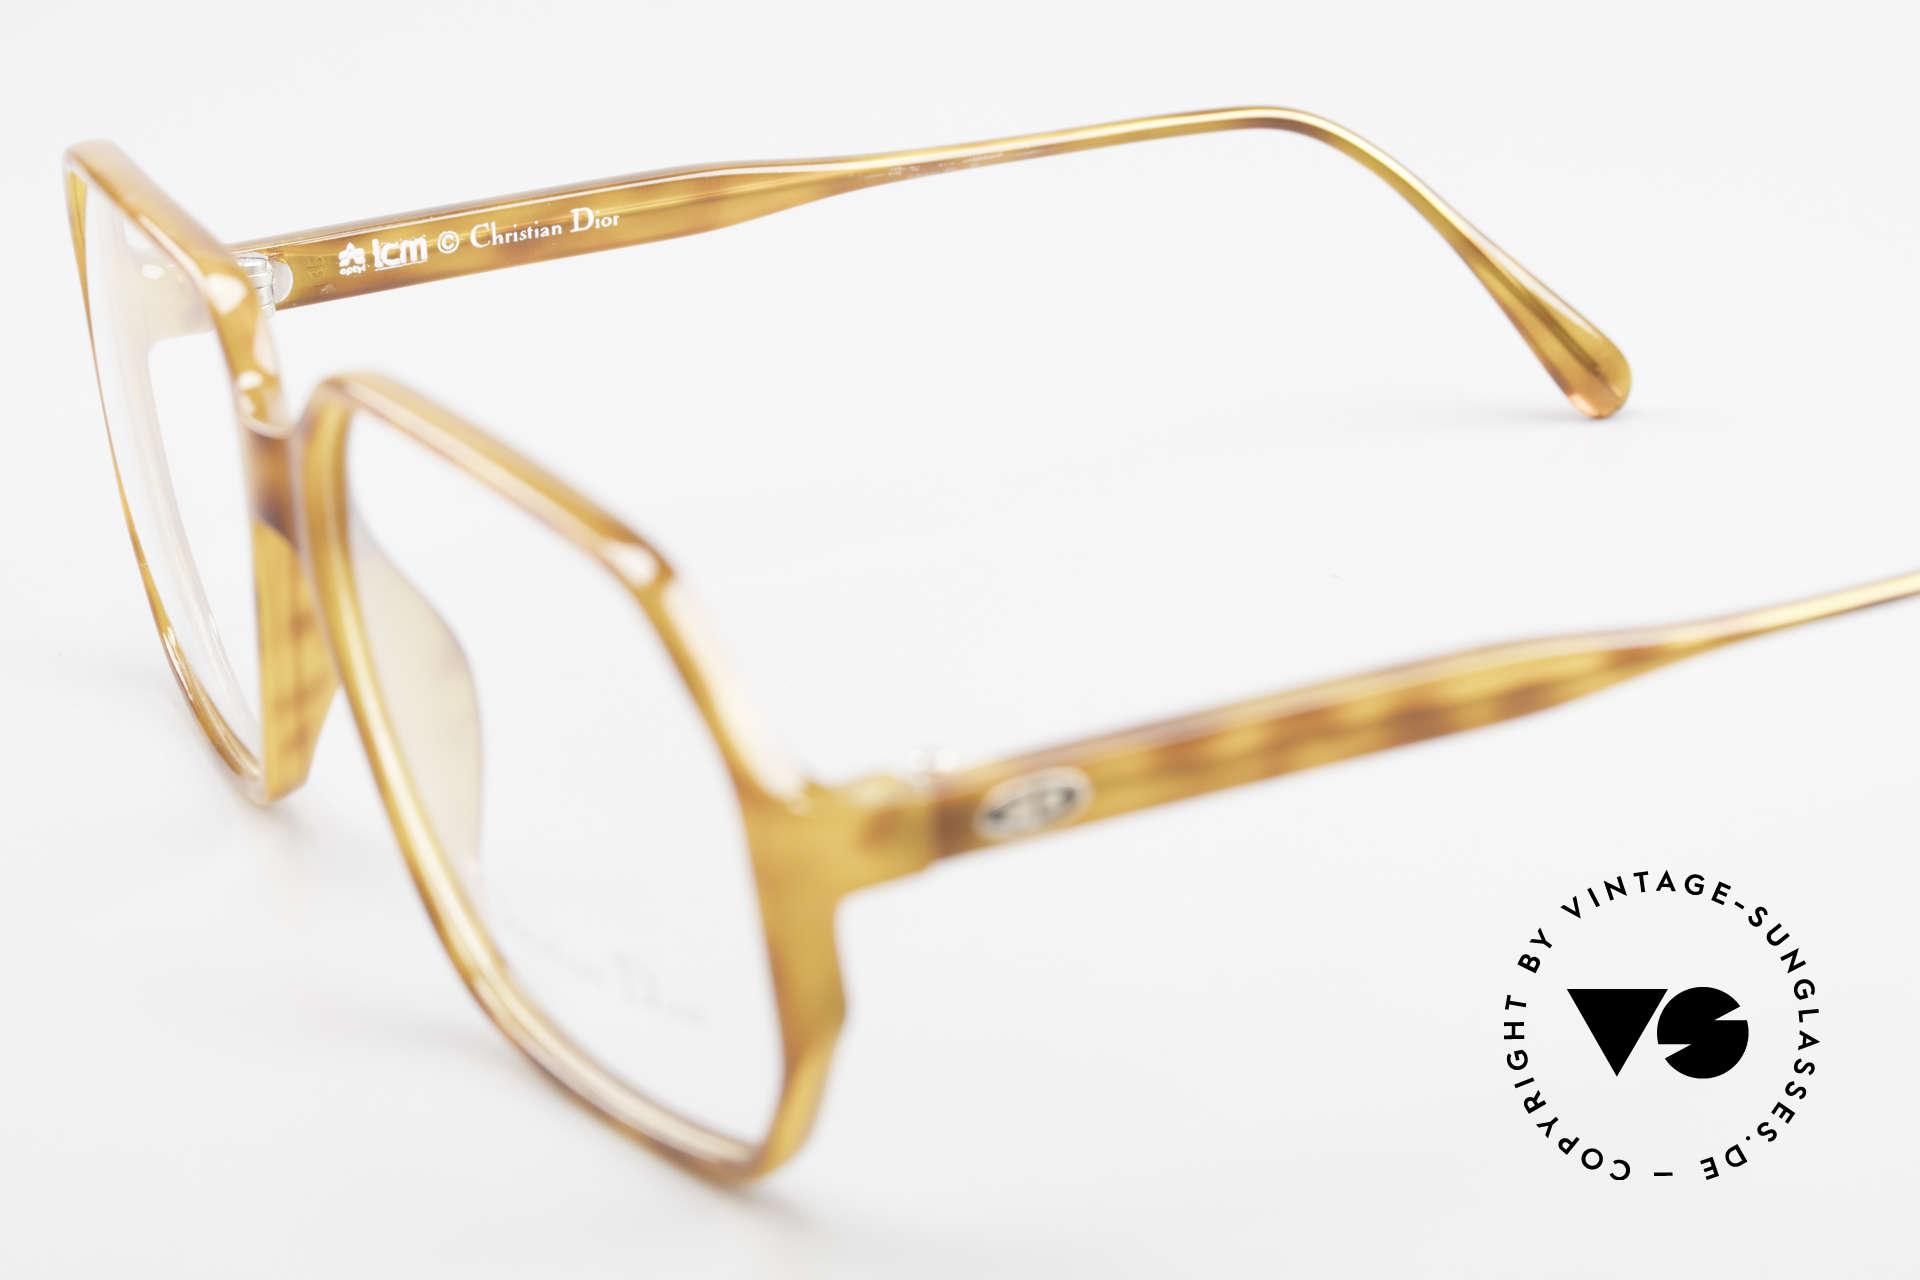 Christian Dior 2533 Optyl Vintage Herrenbrille, Fasssung (SMALL Gr. 56/13) ist beliebig verglasbar, Passend für Herren